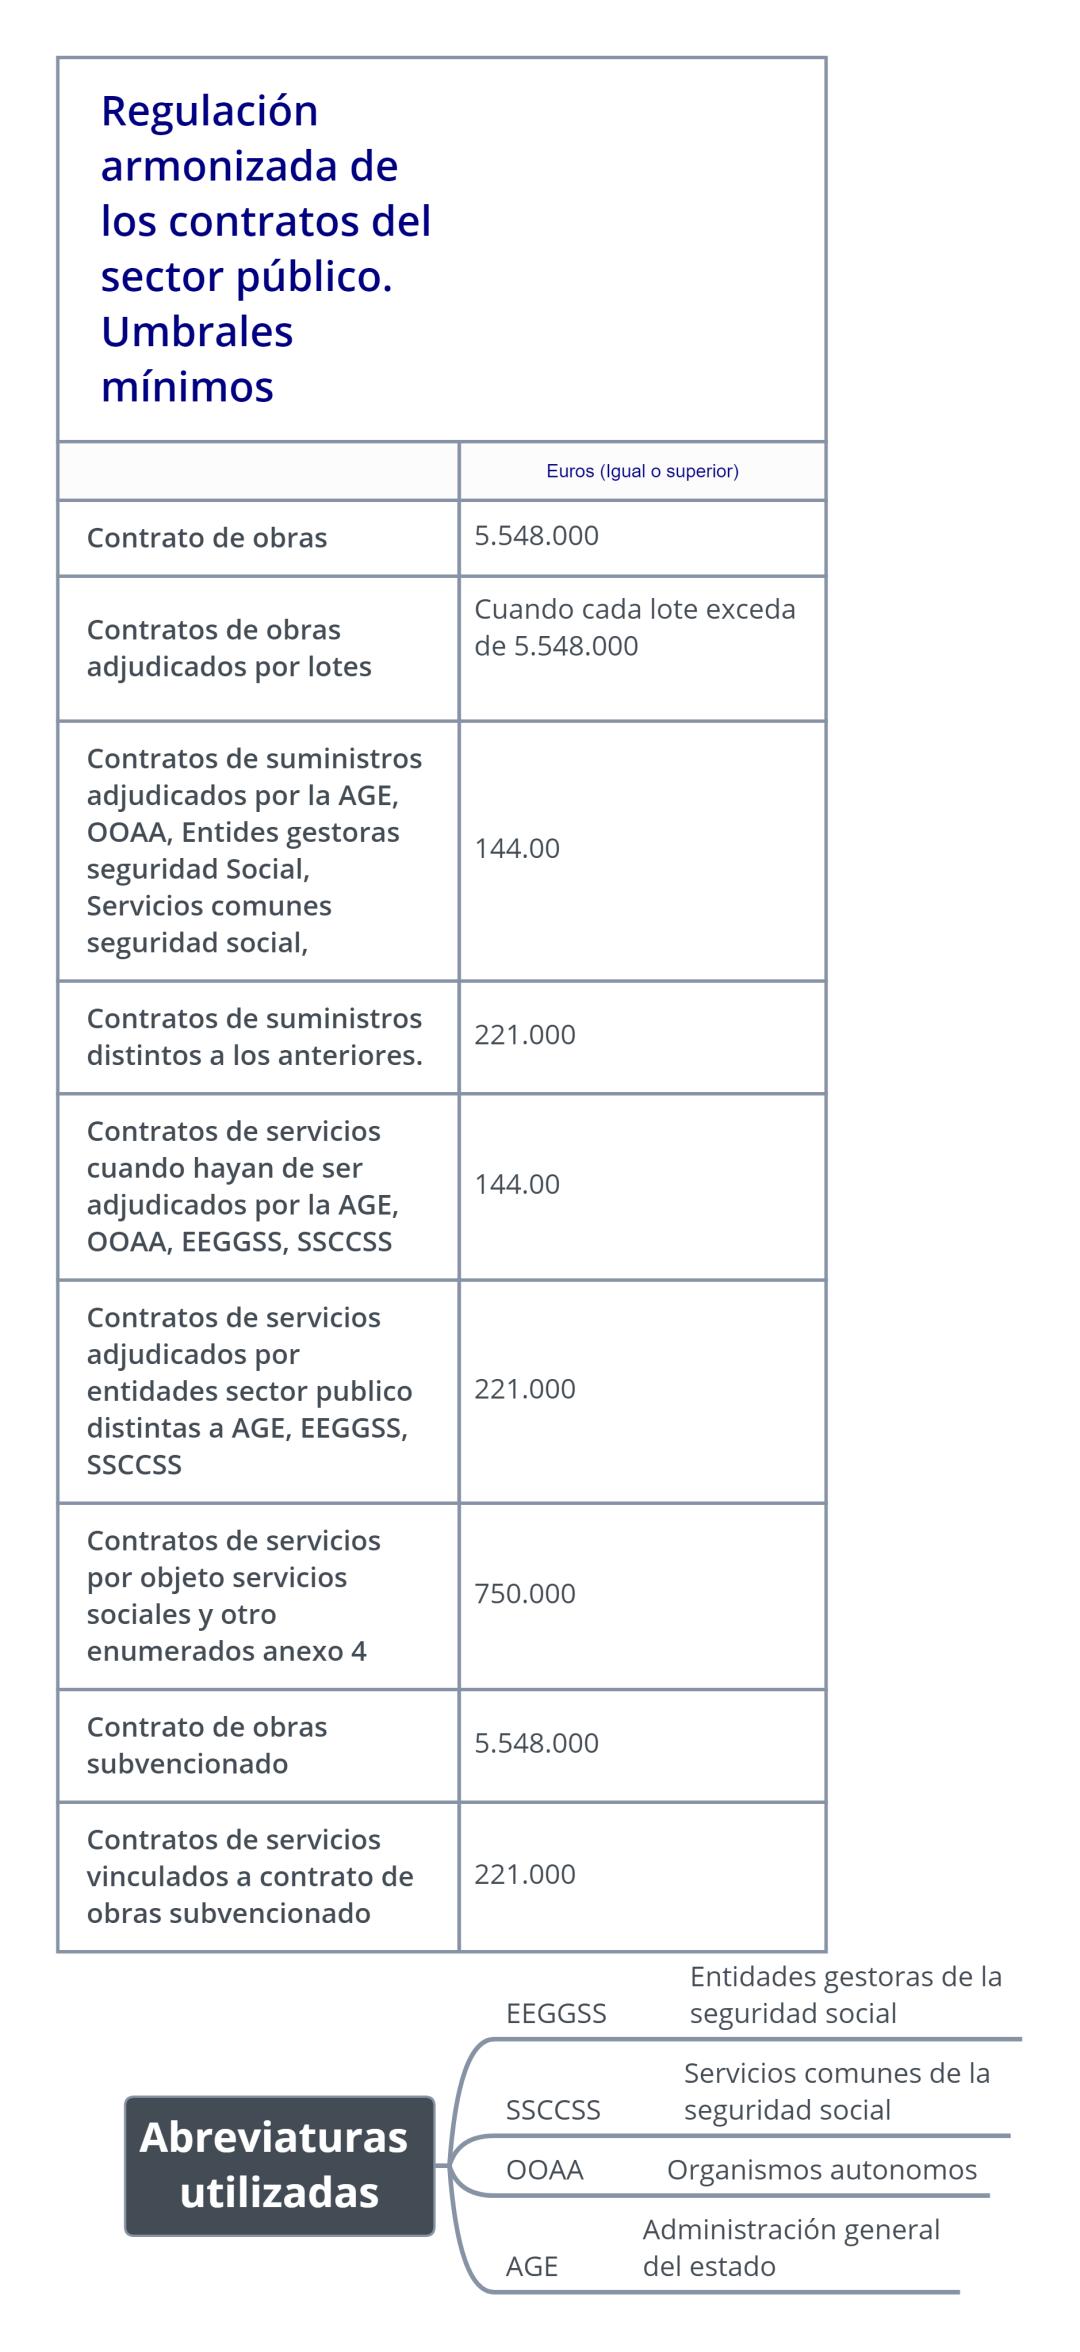 esquema Regulación armonizada de los contratos del sector público. Umbrales mínimos